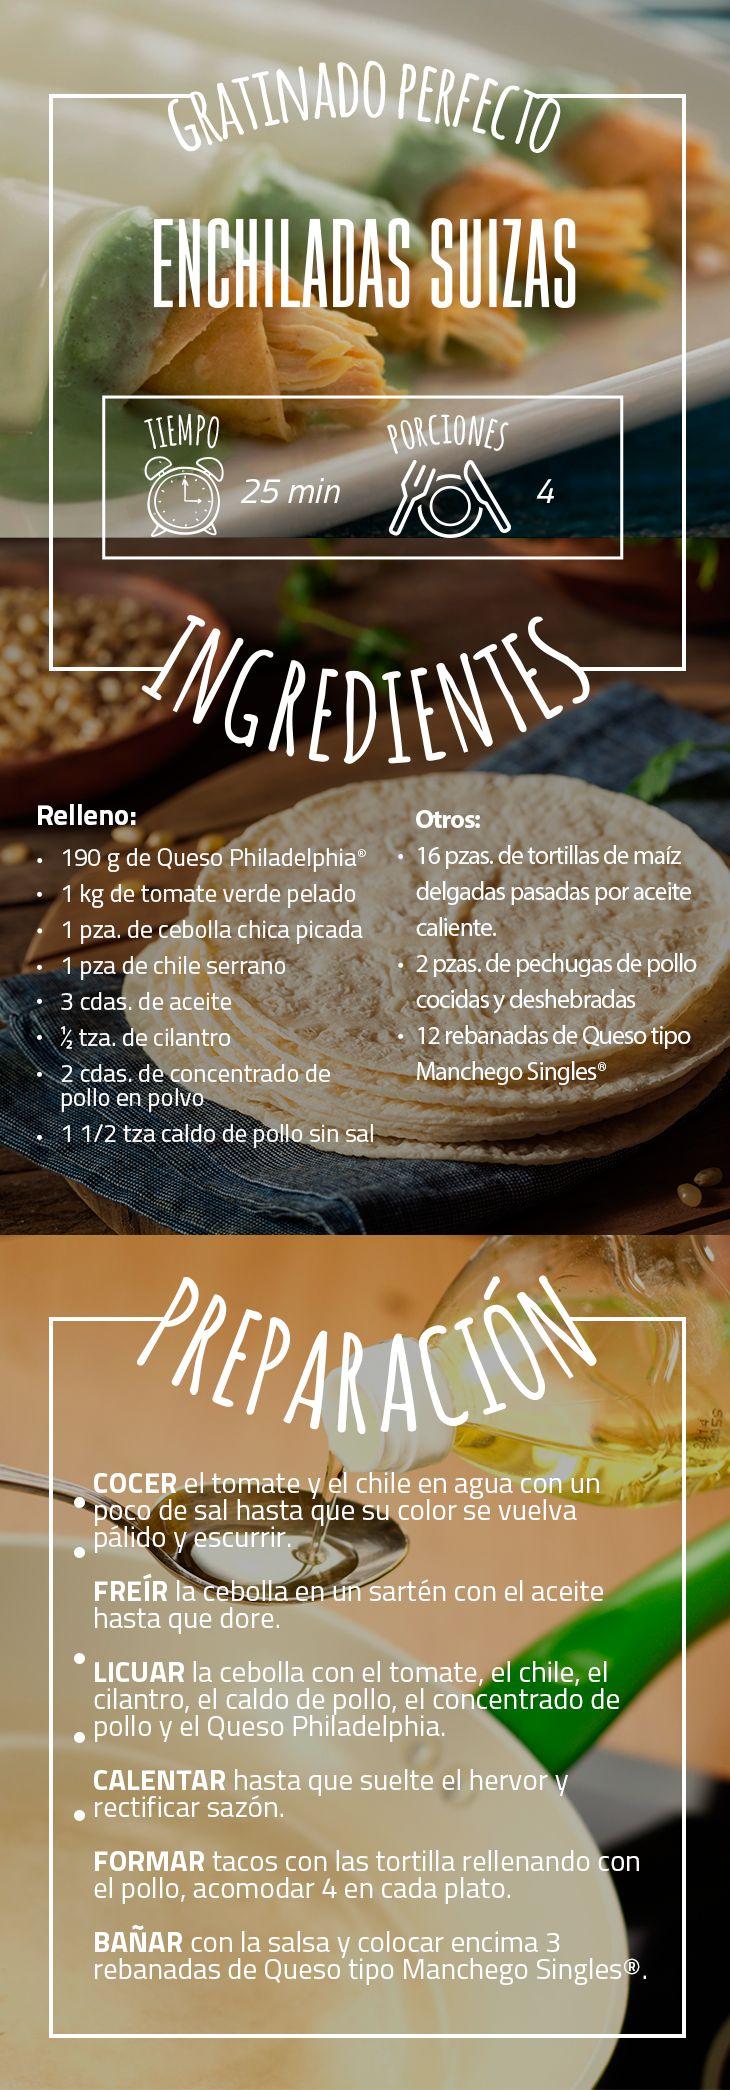 Para los amantes de las enchiladas, les mostramos una deliciosa receta que no se podrán resistir. #EnchiladasSuizas #tortilla #QuesoPhiladelphia #Salsa #Tomate #Queso #Receta